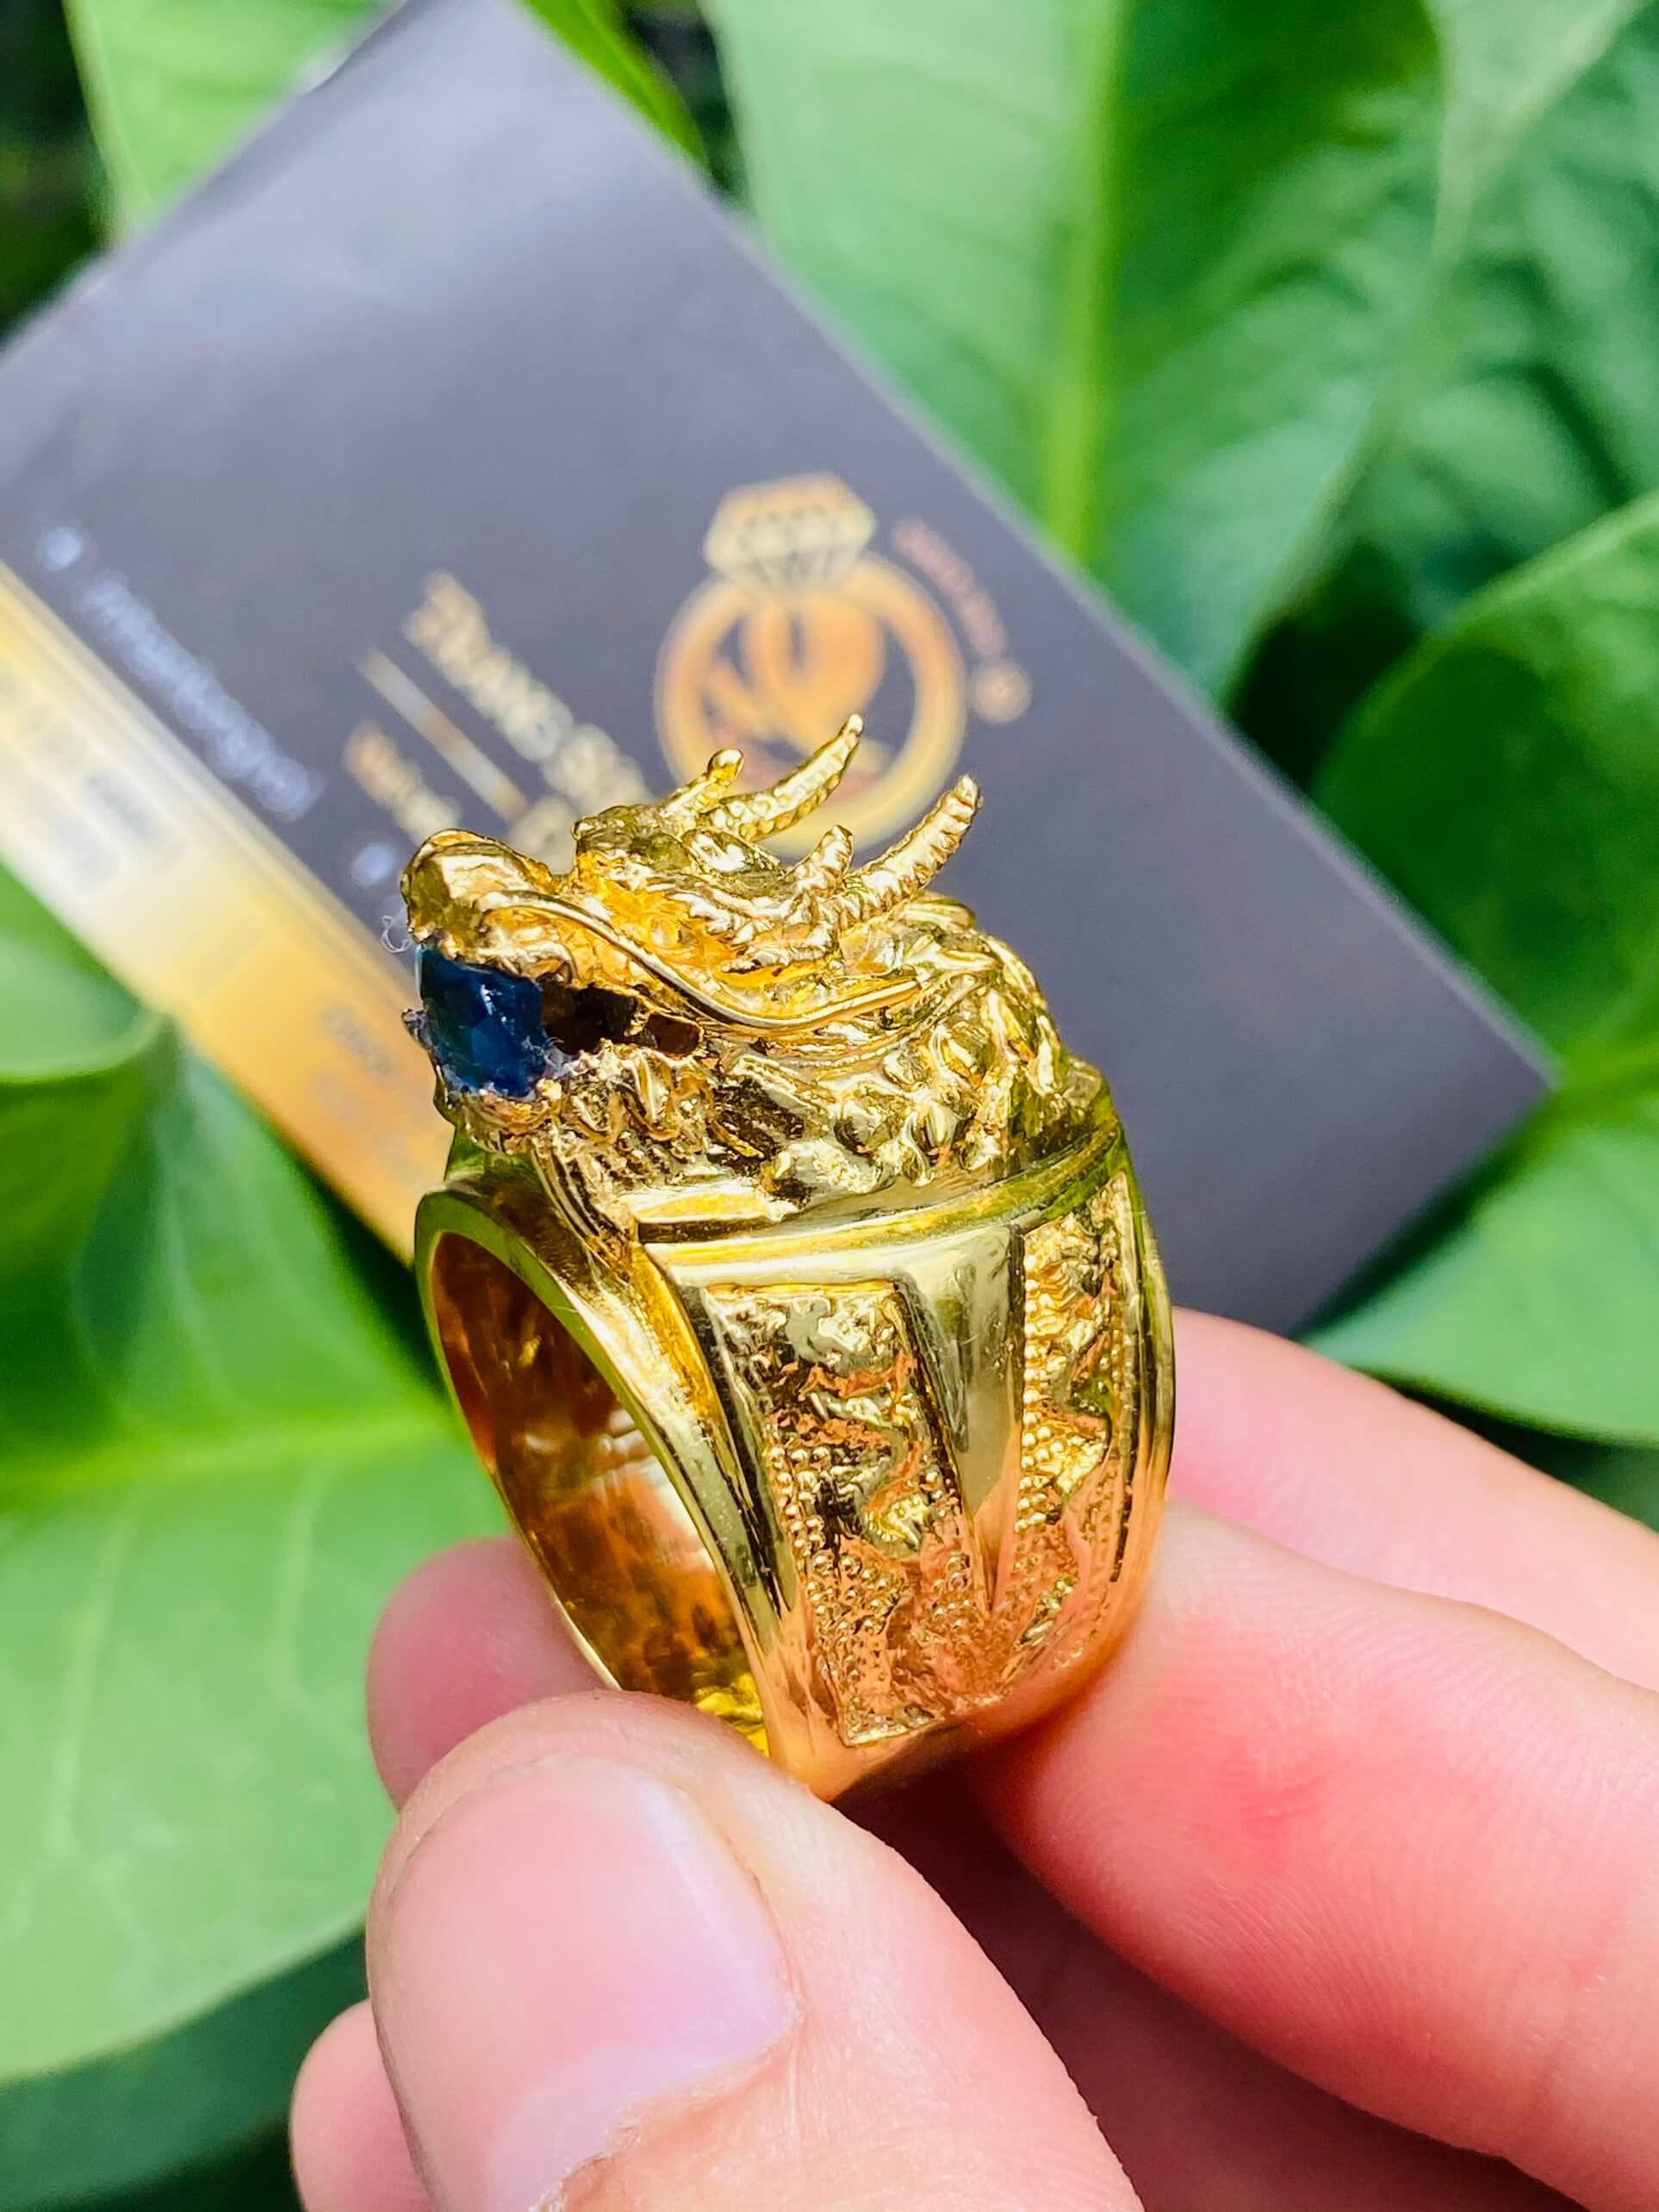 Mẫu nhẫn cuốn hút với thiết kế tinh tế, chạm khắc tinh xảo